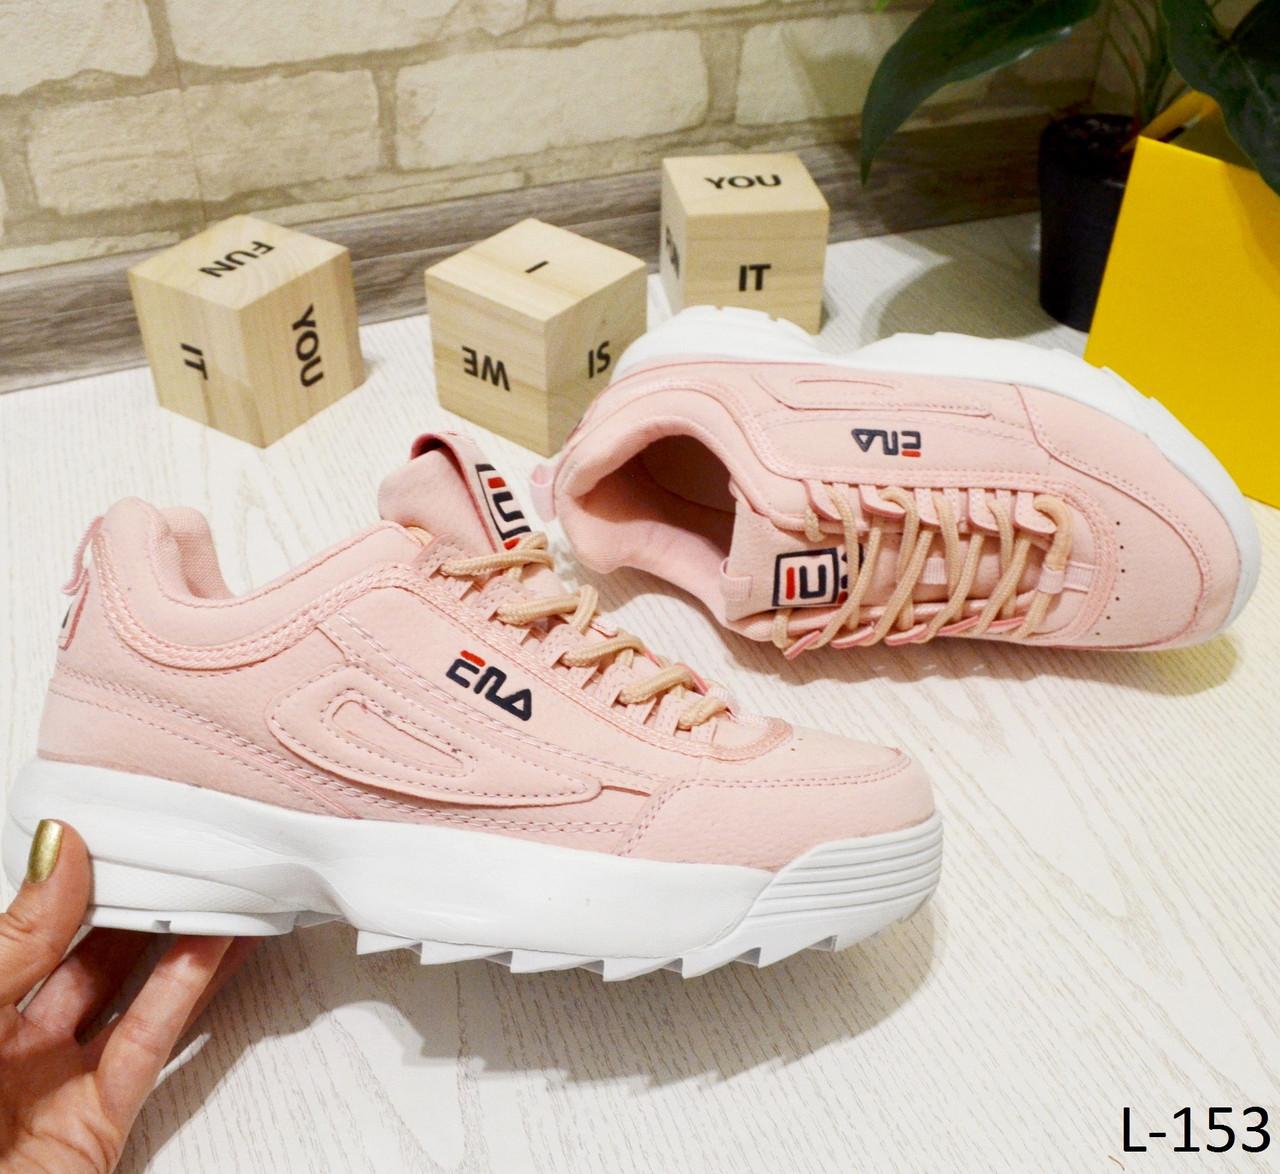 2b80706e1 Кроссовки розовые на высокой подошве, женская спортивная обувь -  Интернет-магазин